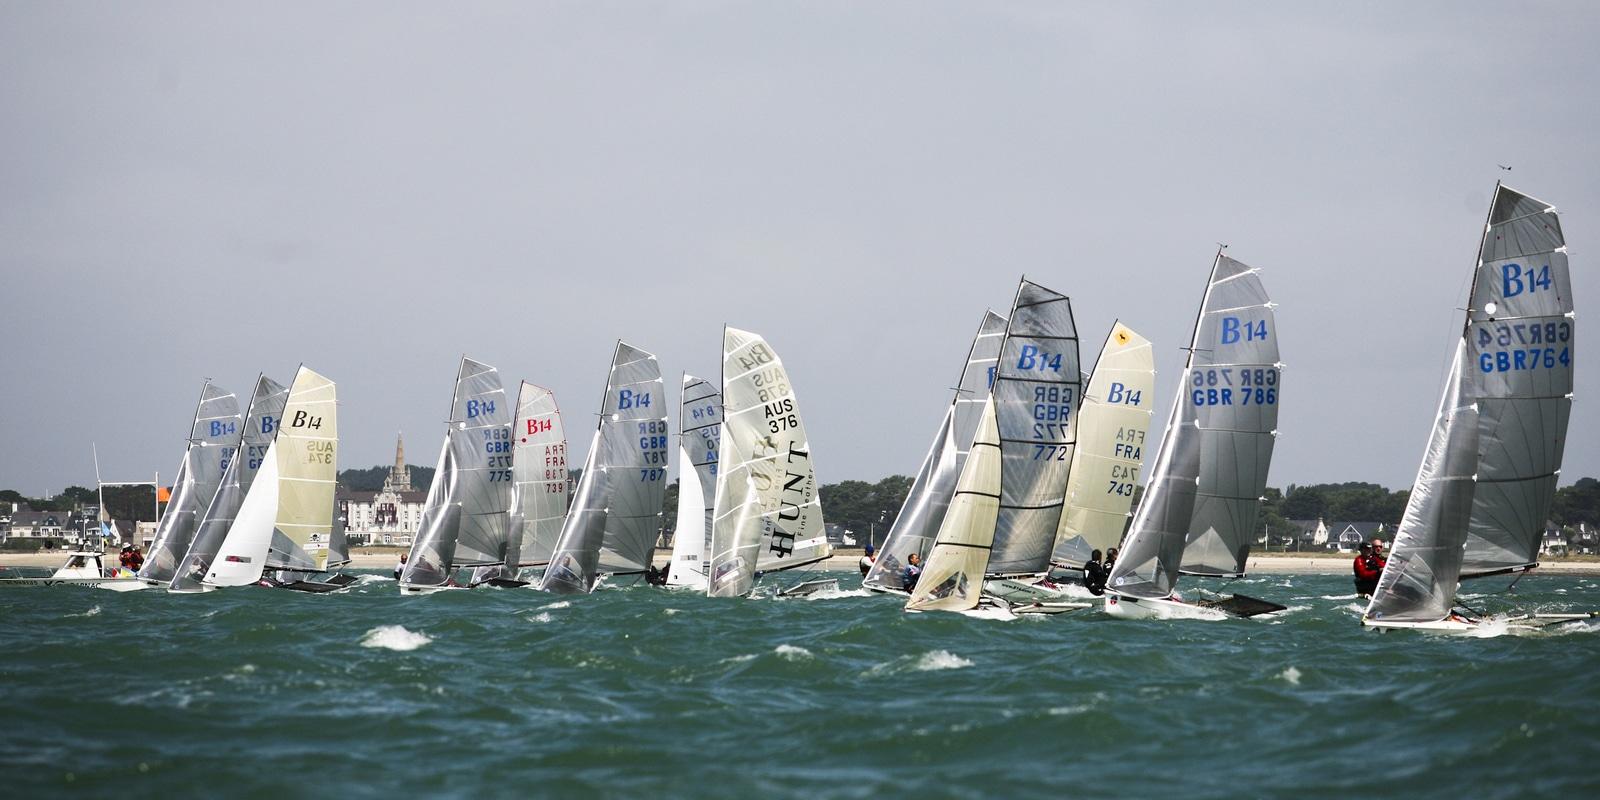 Événements nautiques à Carnac copyright photo Yacht Club Carnac-Y.Audic